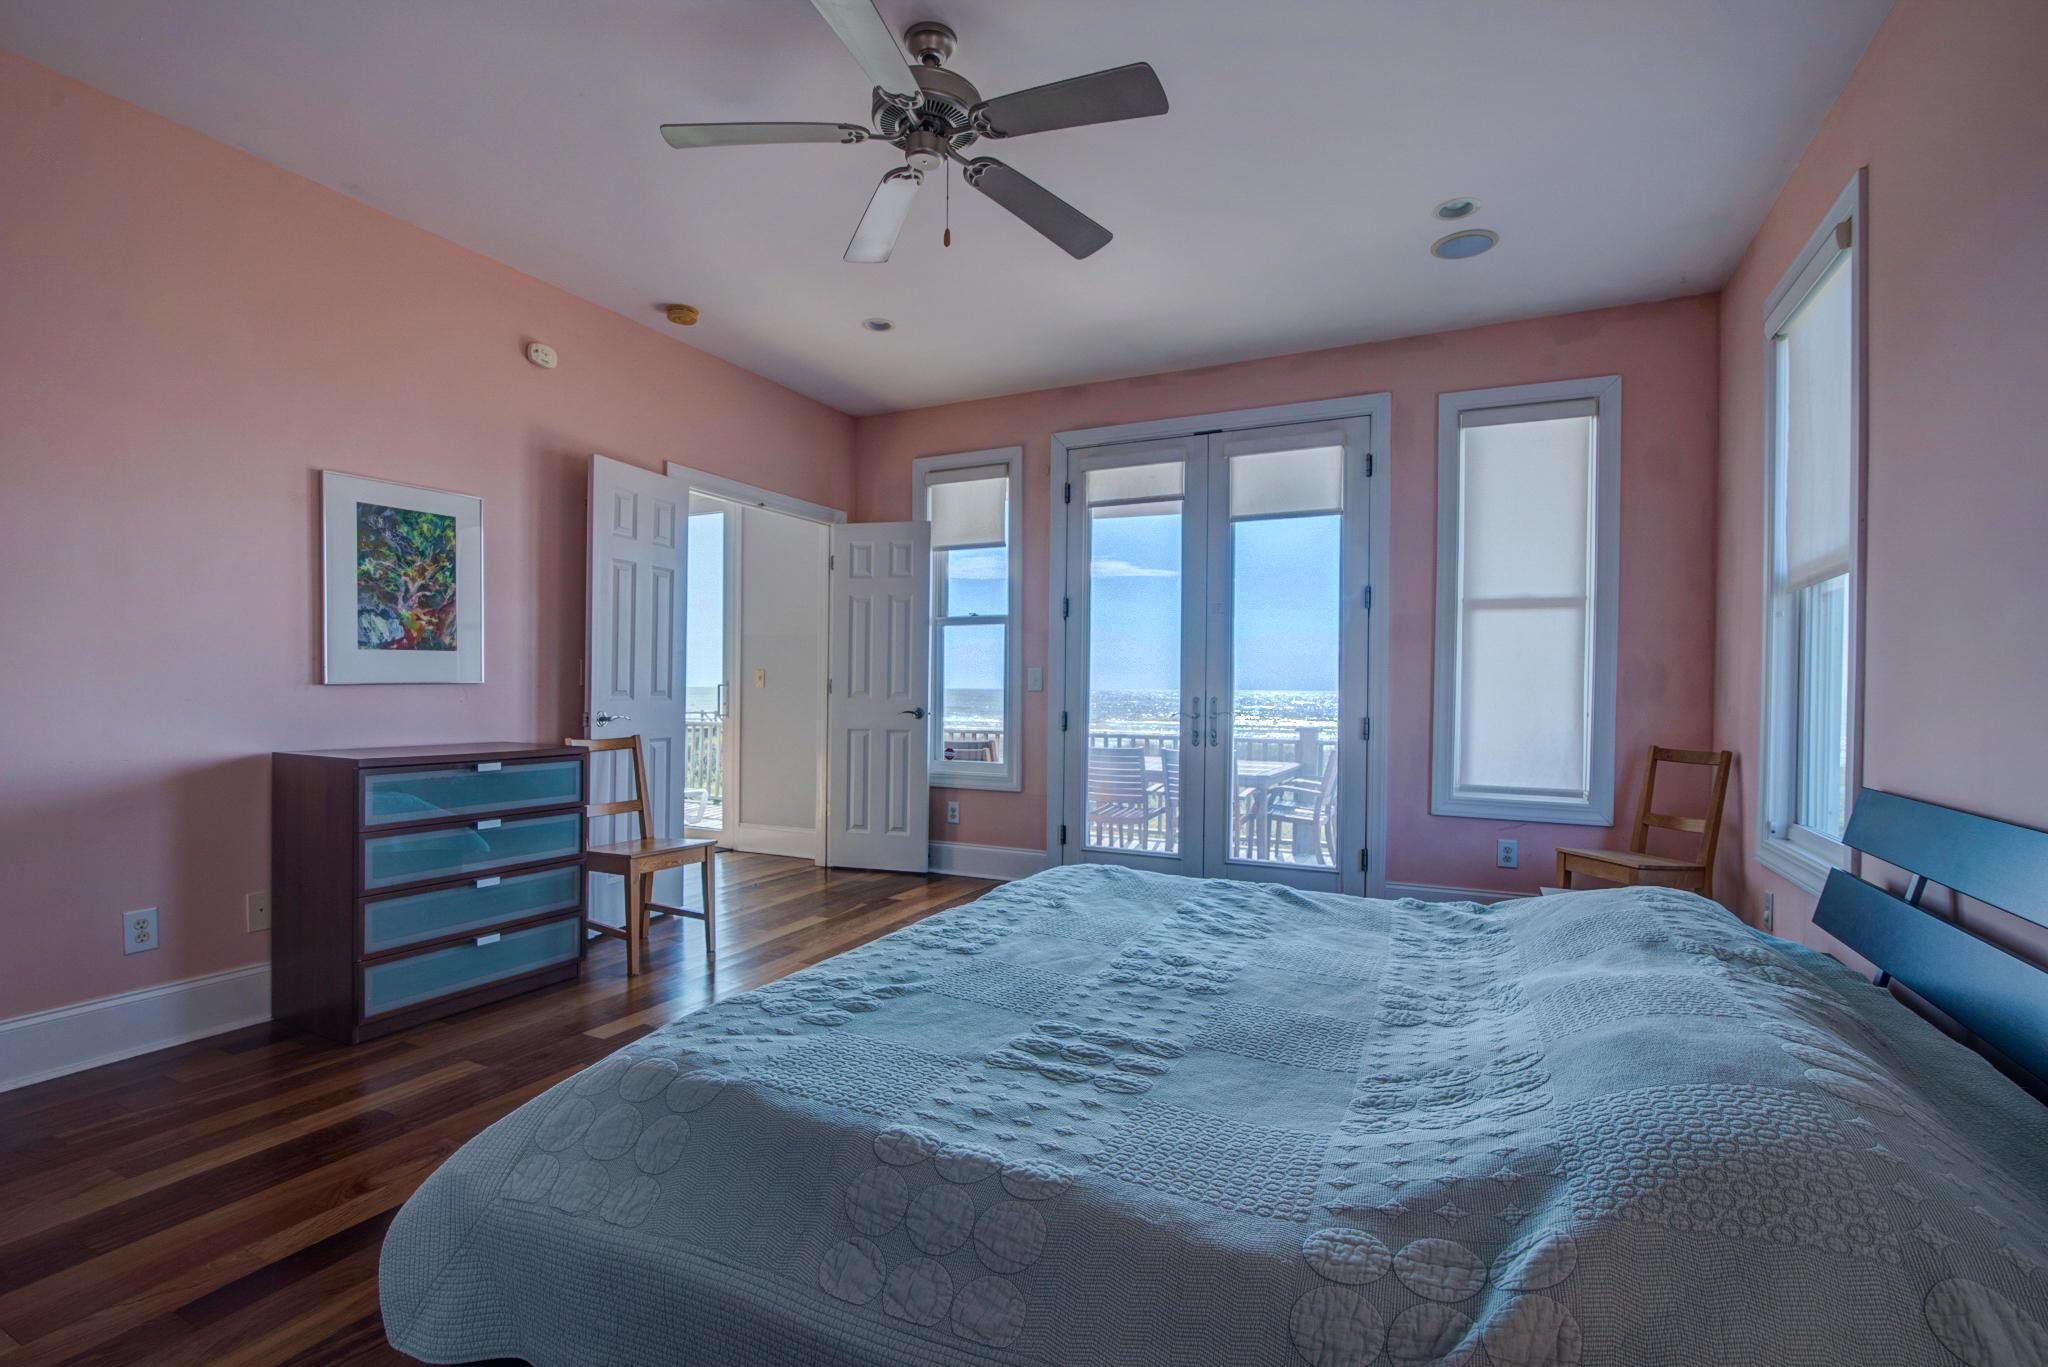 Folly Beach Homes For Sale - 319 Arctic, Folly Beach, SC - 14